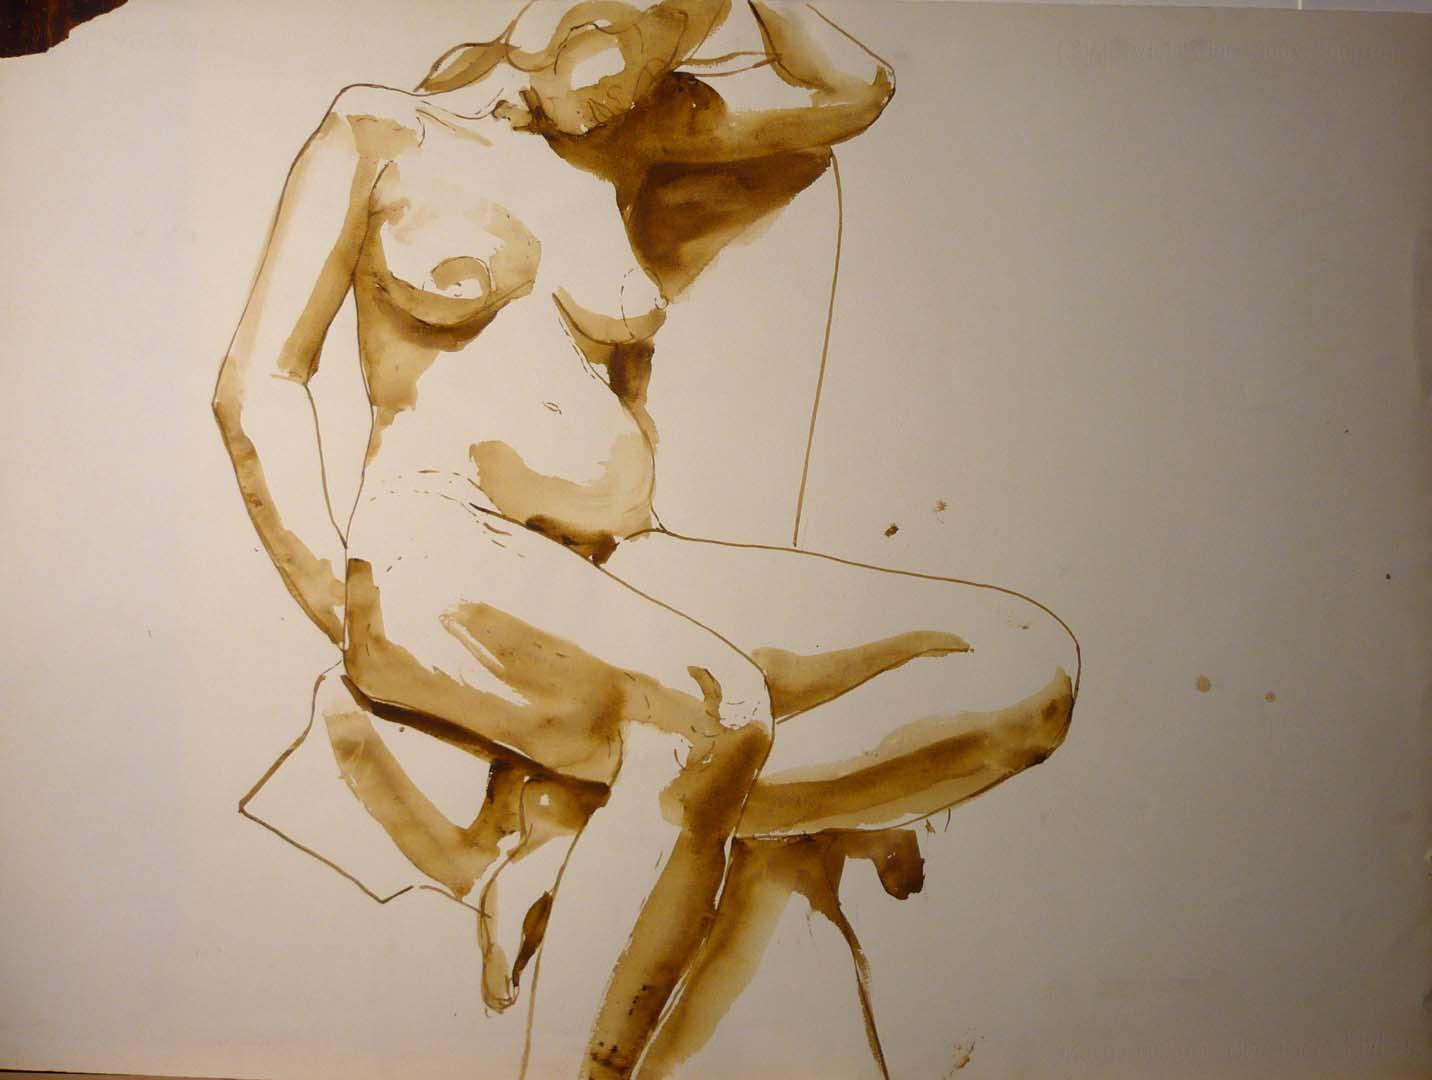 Seated Nude Sepia 22 x 29.875